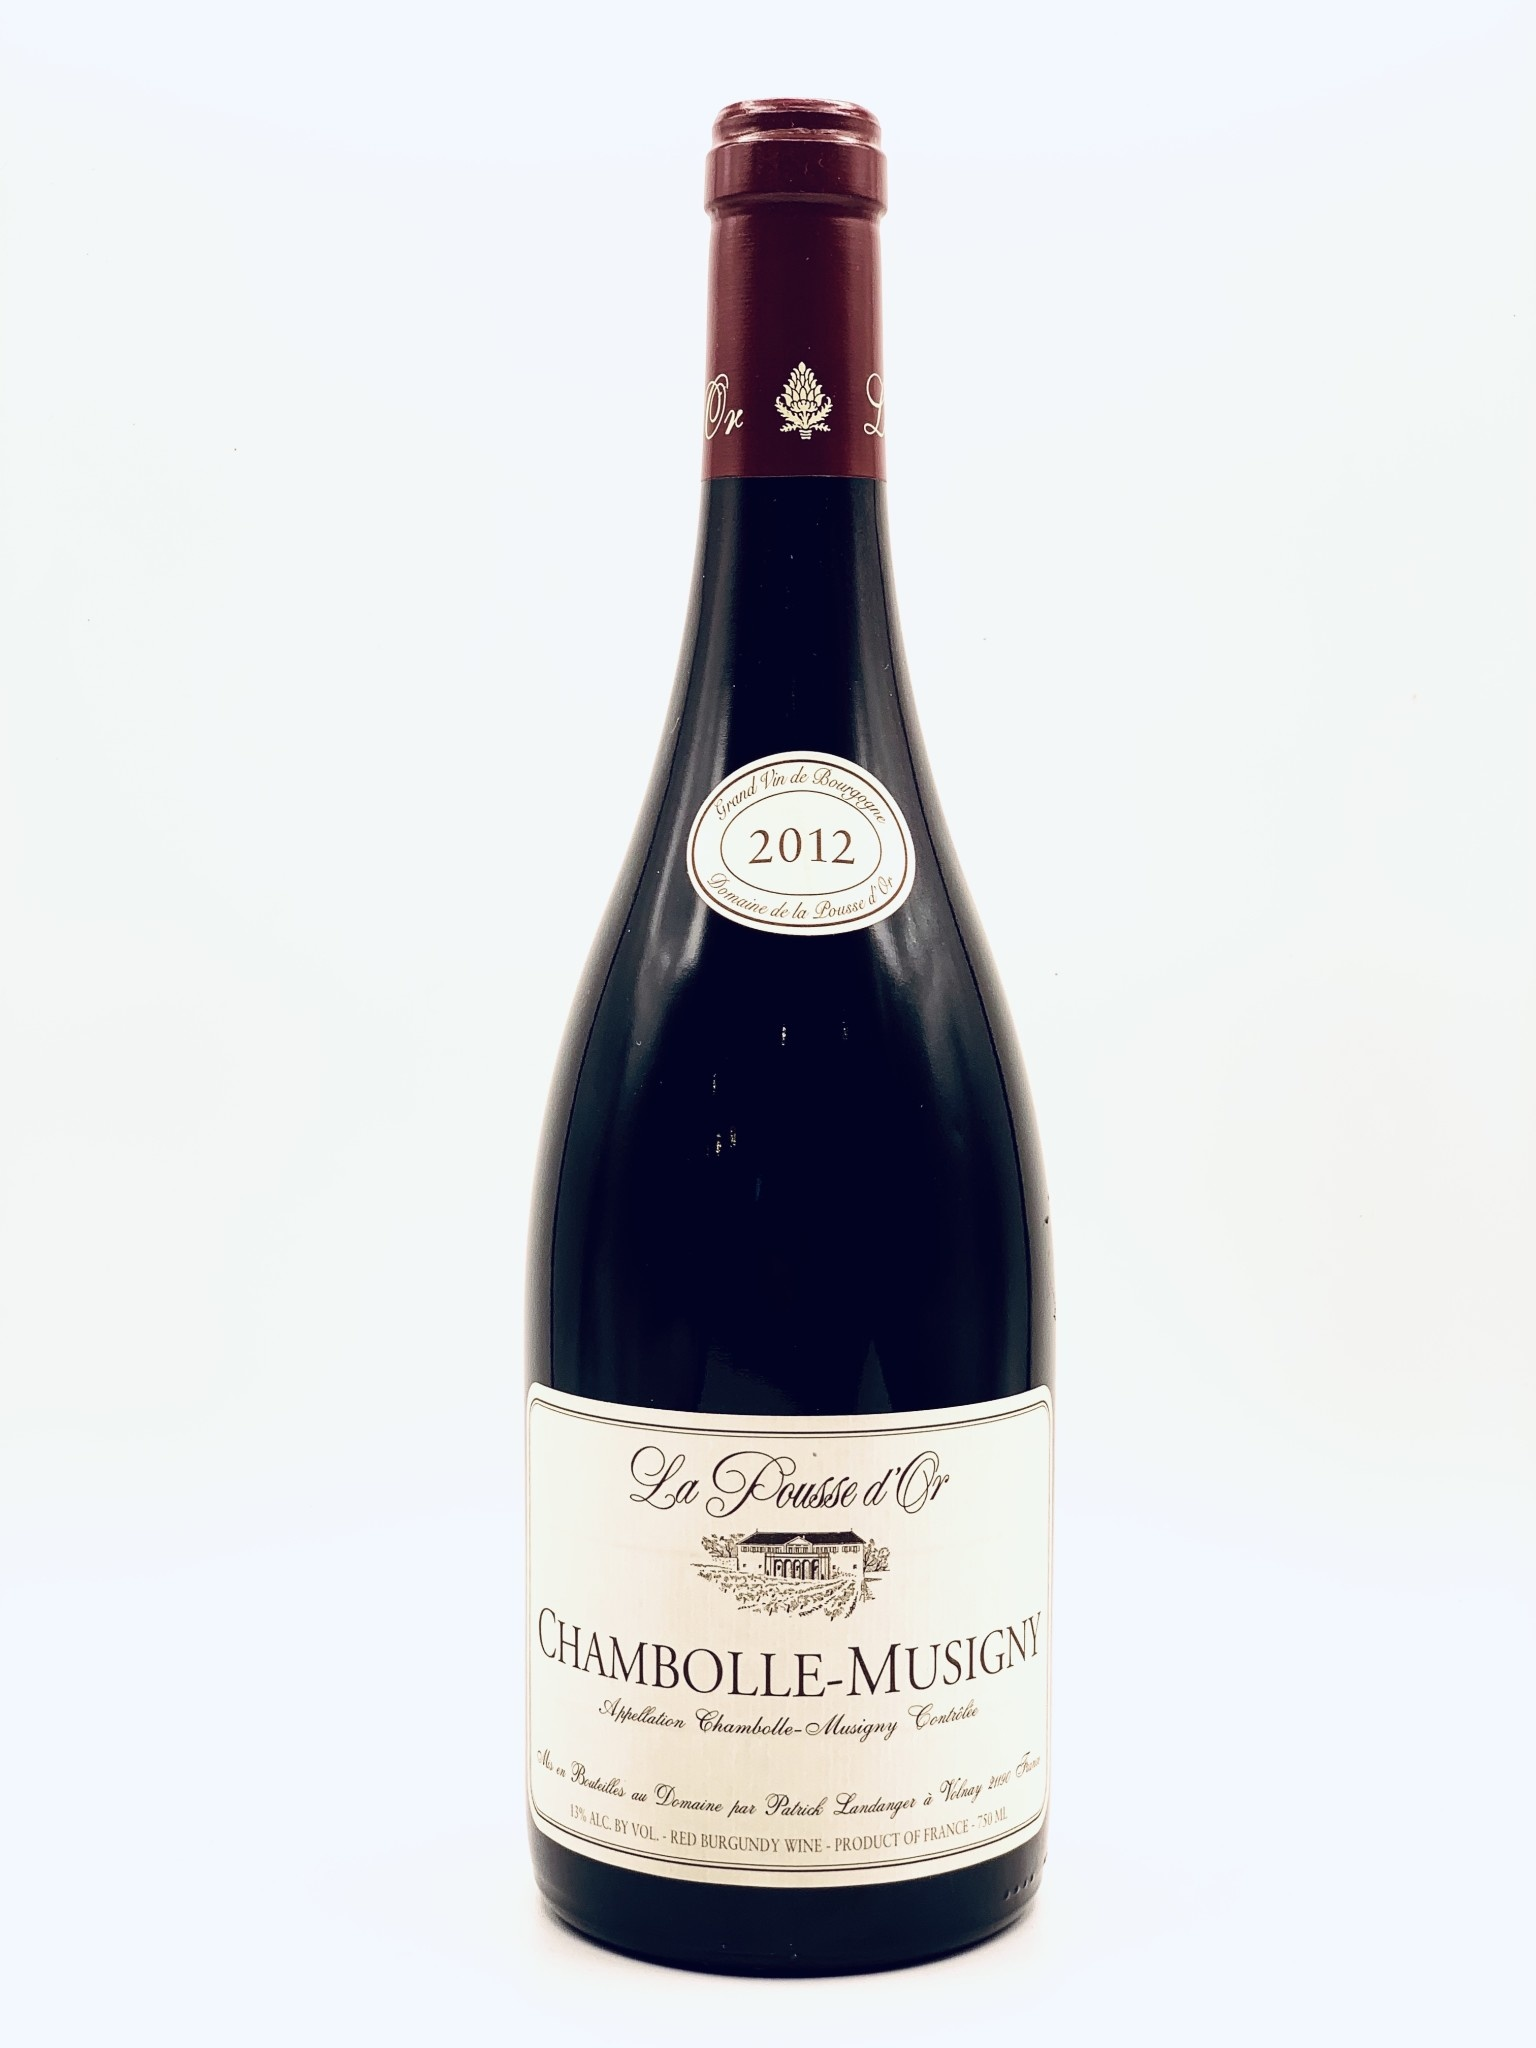 Chambolle Musigny 2012 Domaine de la Pousse d'Or  750ml